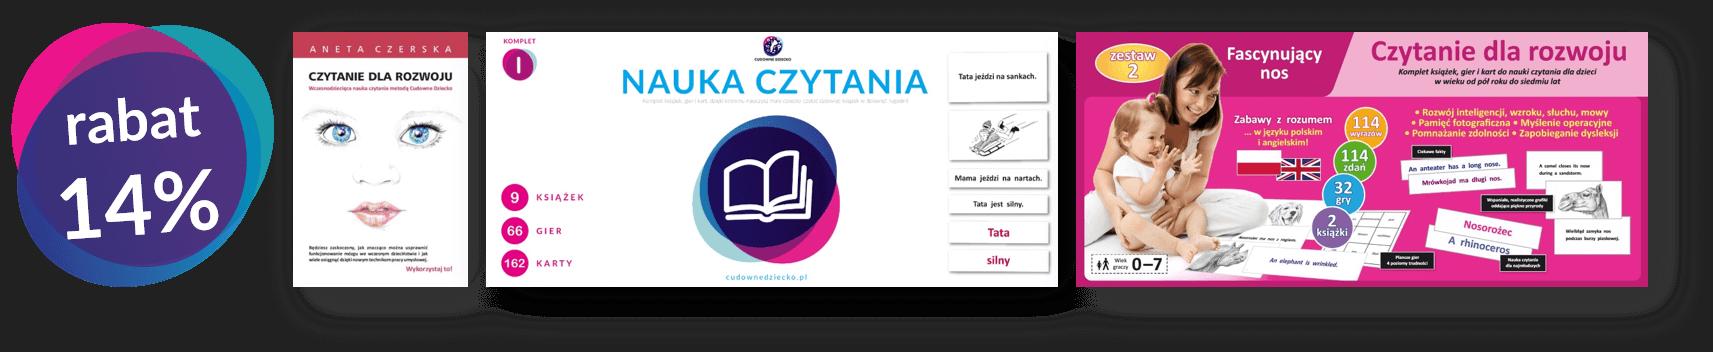 Zestawy donauki czytania ksiażki dosamodzielnego czytania dla dzieci